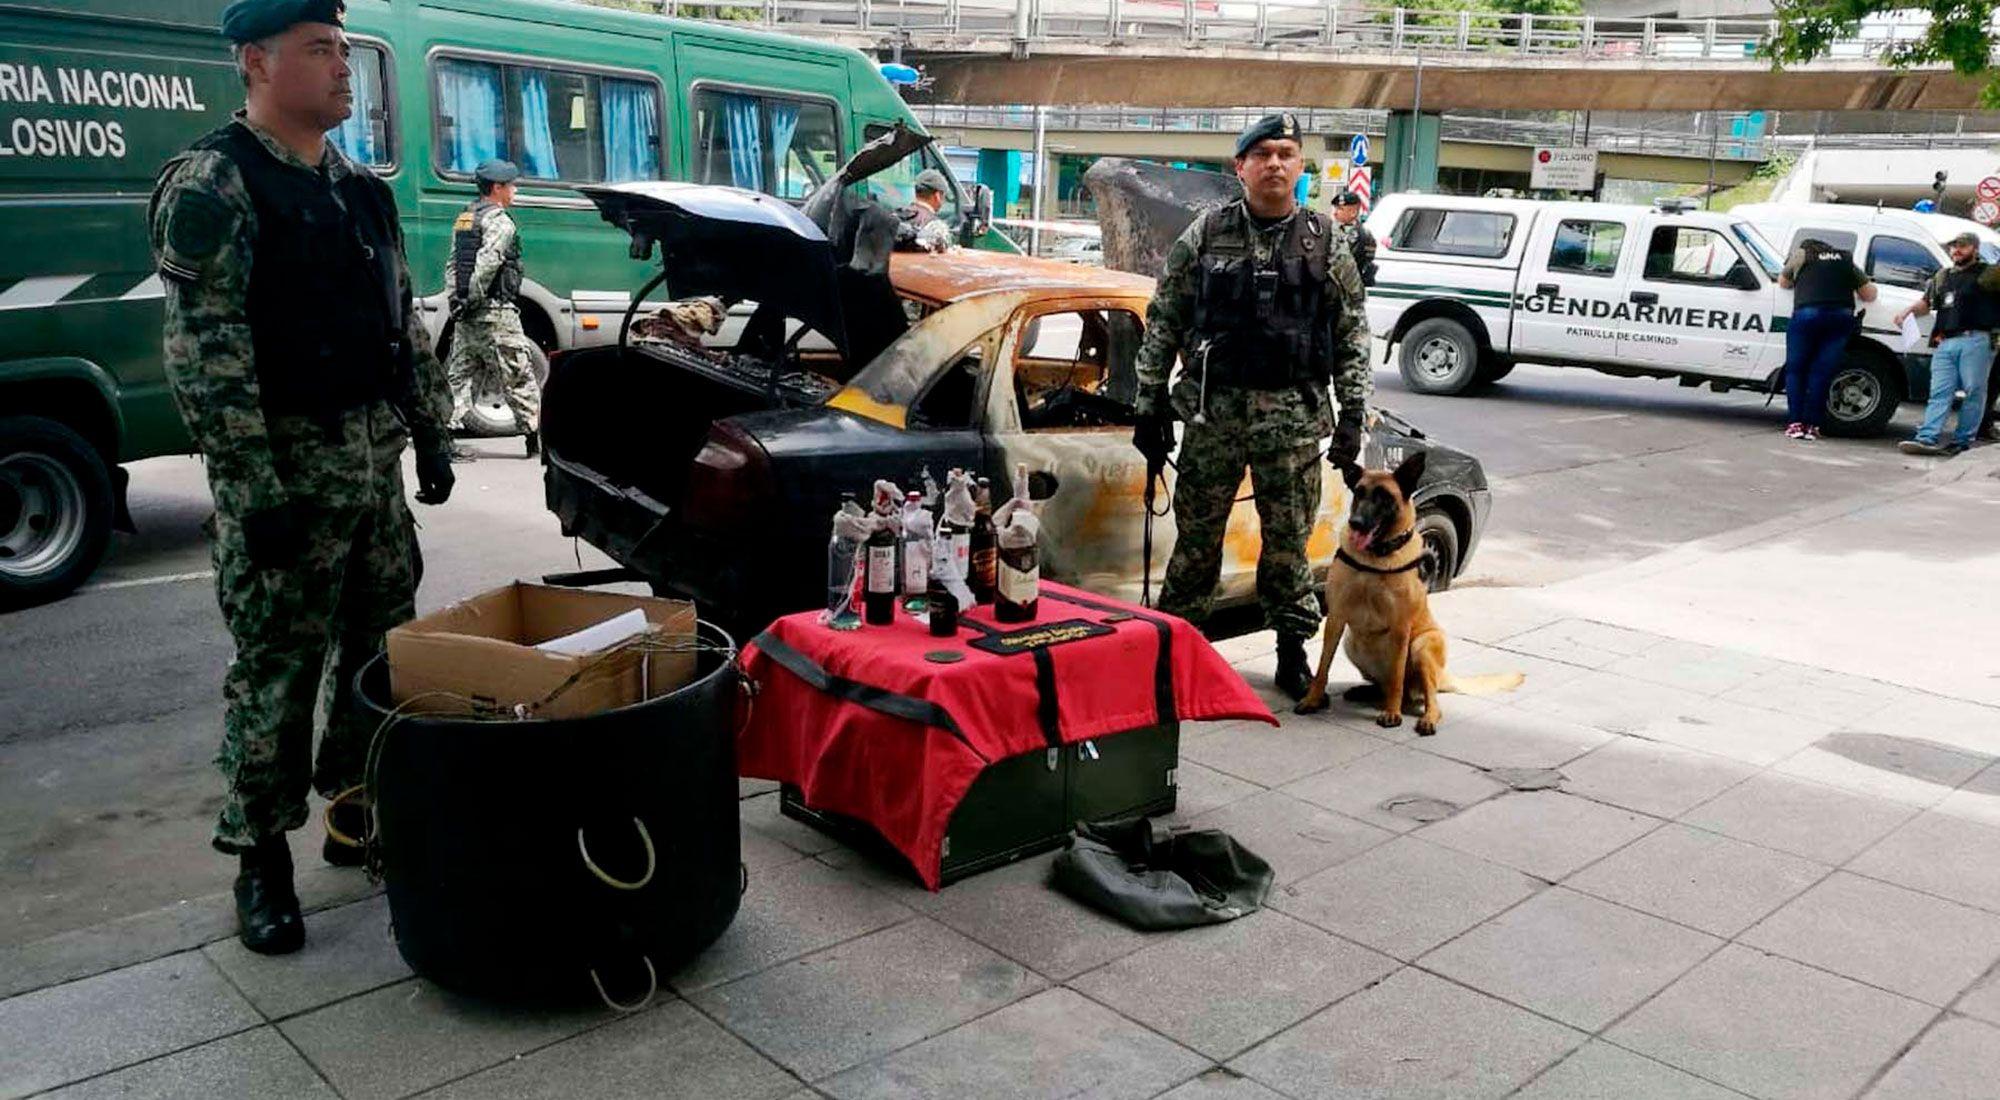 Ocho bombas molotov fueron halladas esta mañana en el interior de un taxi quemado y abandonado en el barrio porteño de Constitución, donde trabajan efectivos de Gendarmería Nacional.